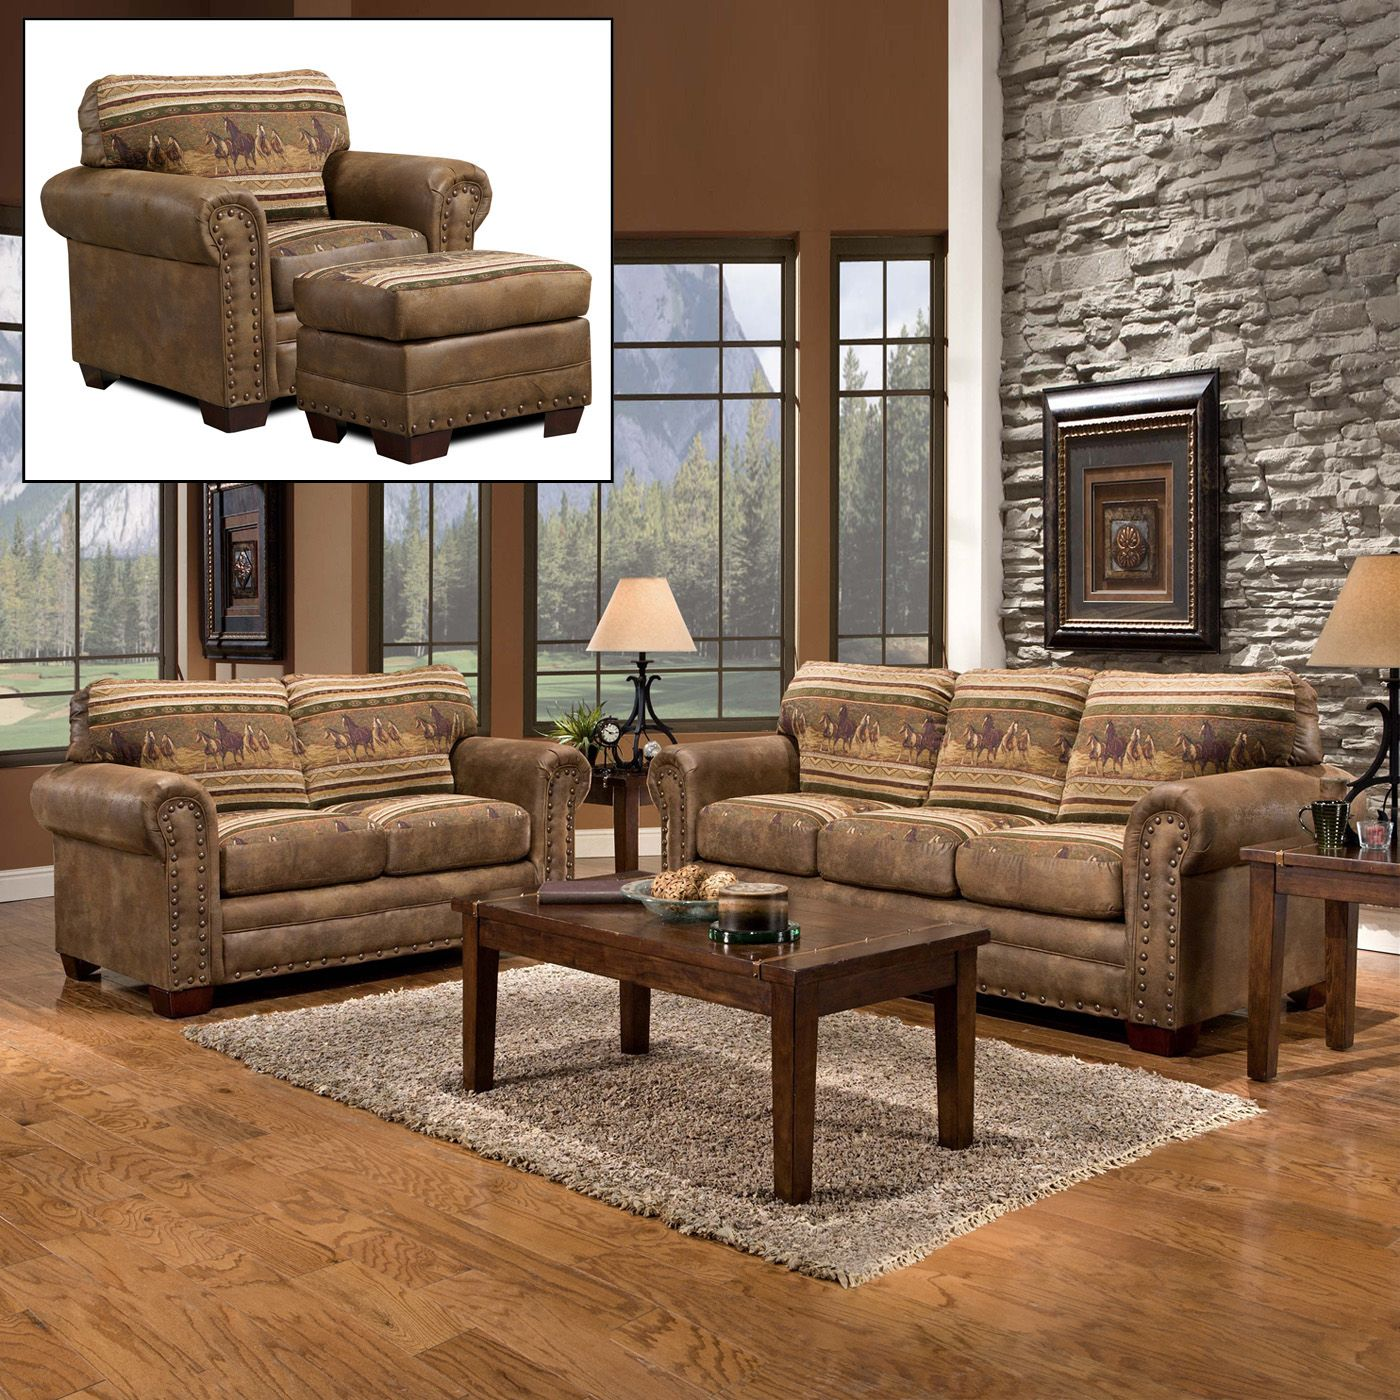 Best Sofa Stores: Shop American Furniture Classics American Furniture 8500